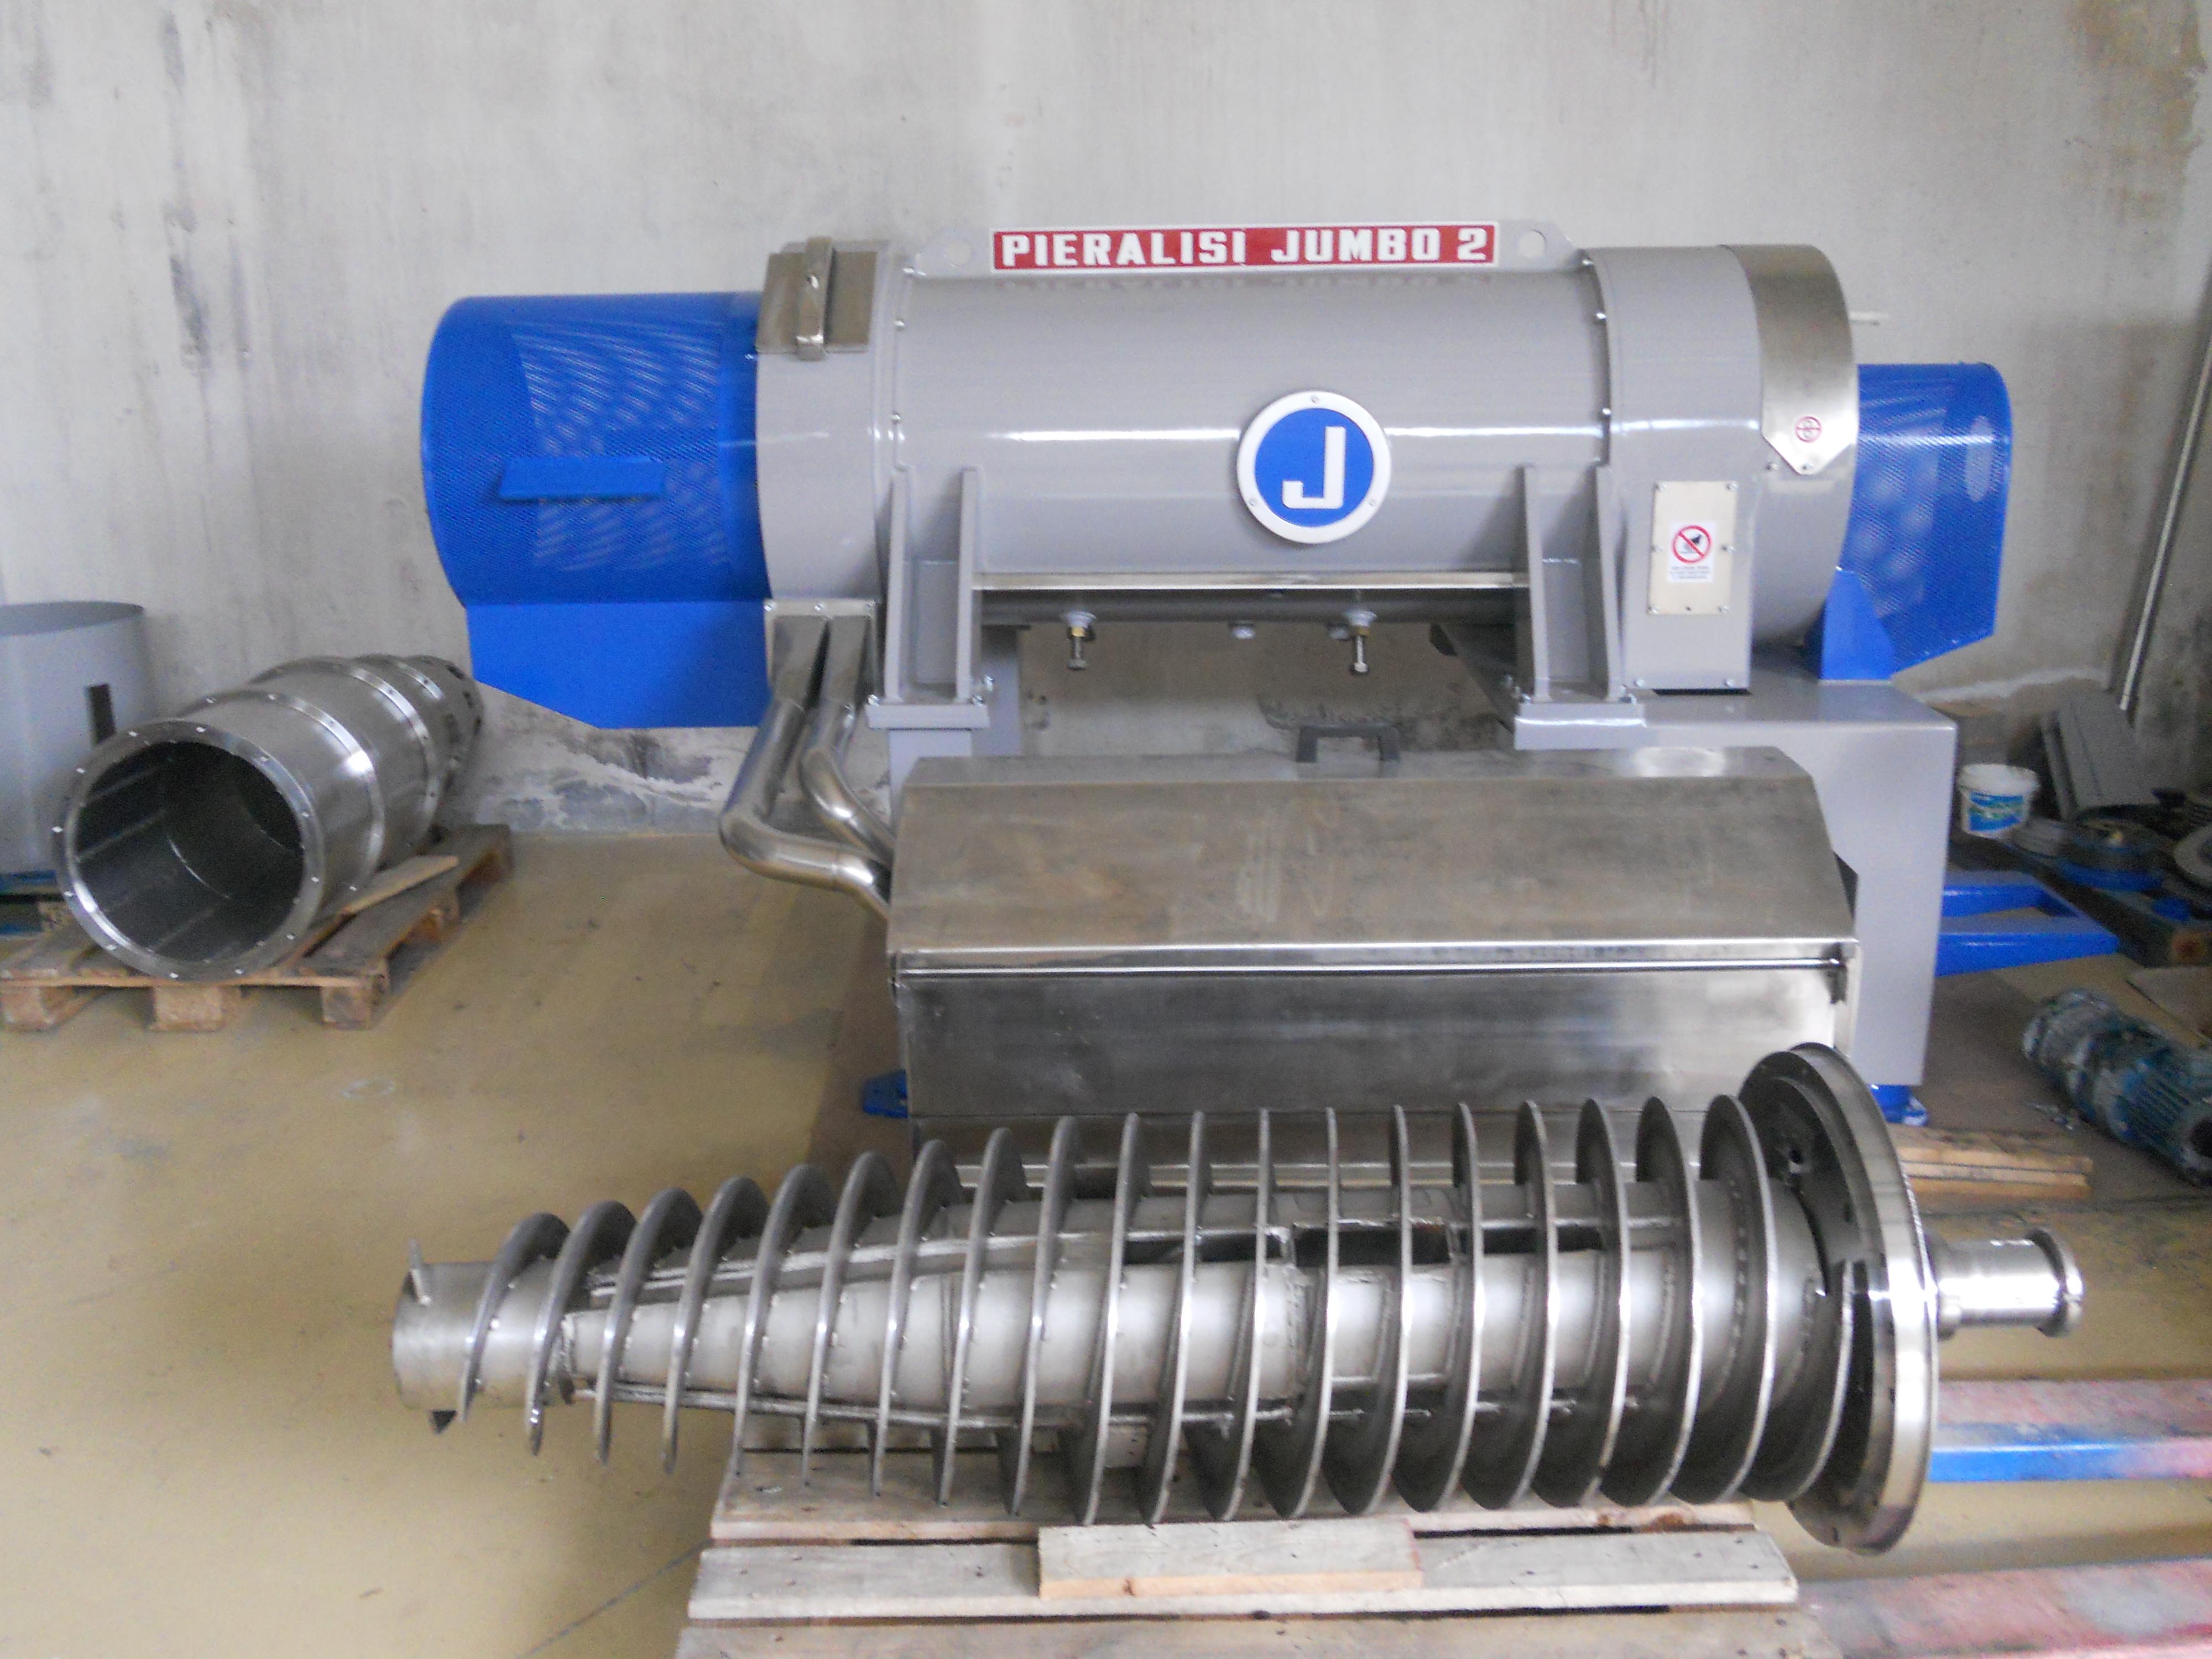 Pieralisi Jumbo 2 Machine - Exapro